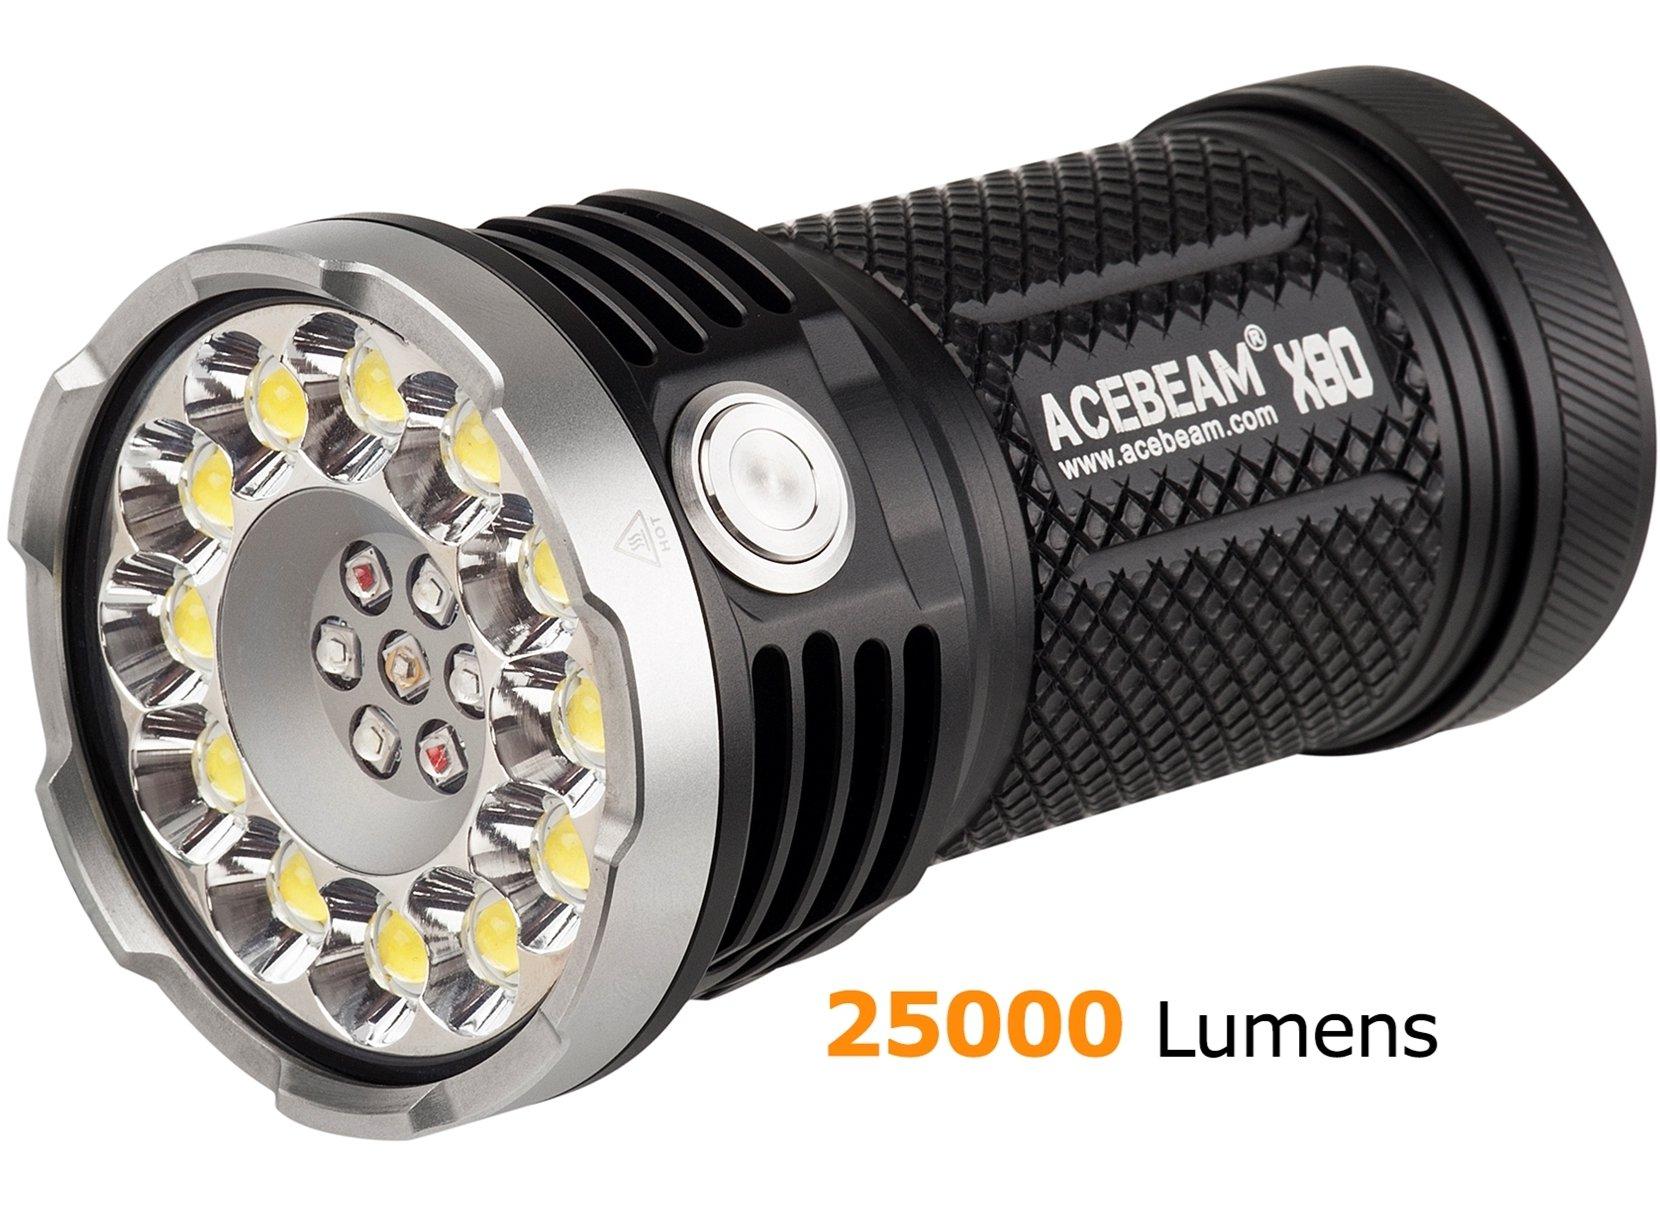 Camping & Outdoor Taschenlampen Taschenlampe